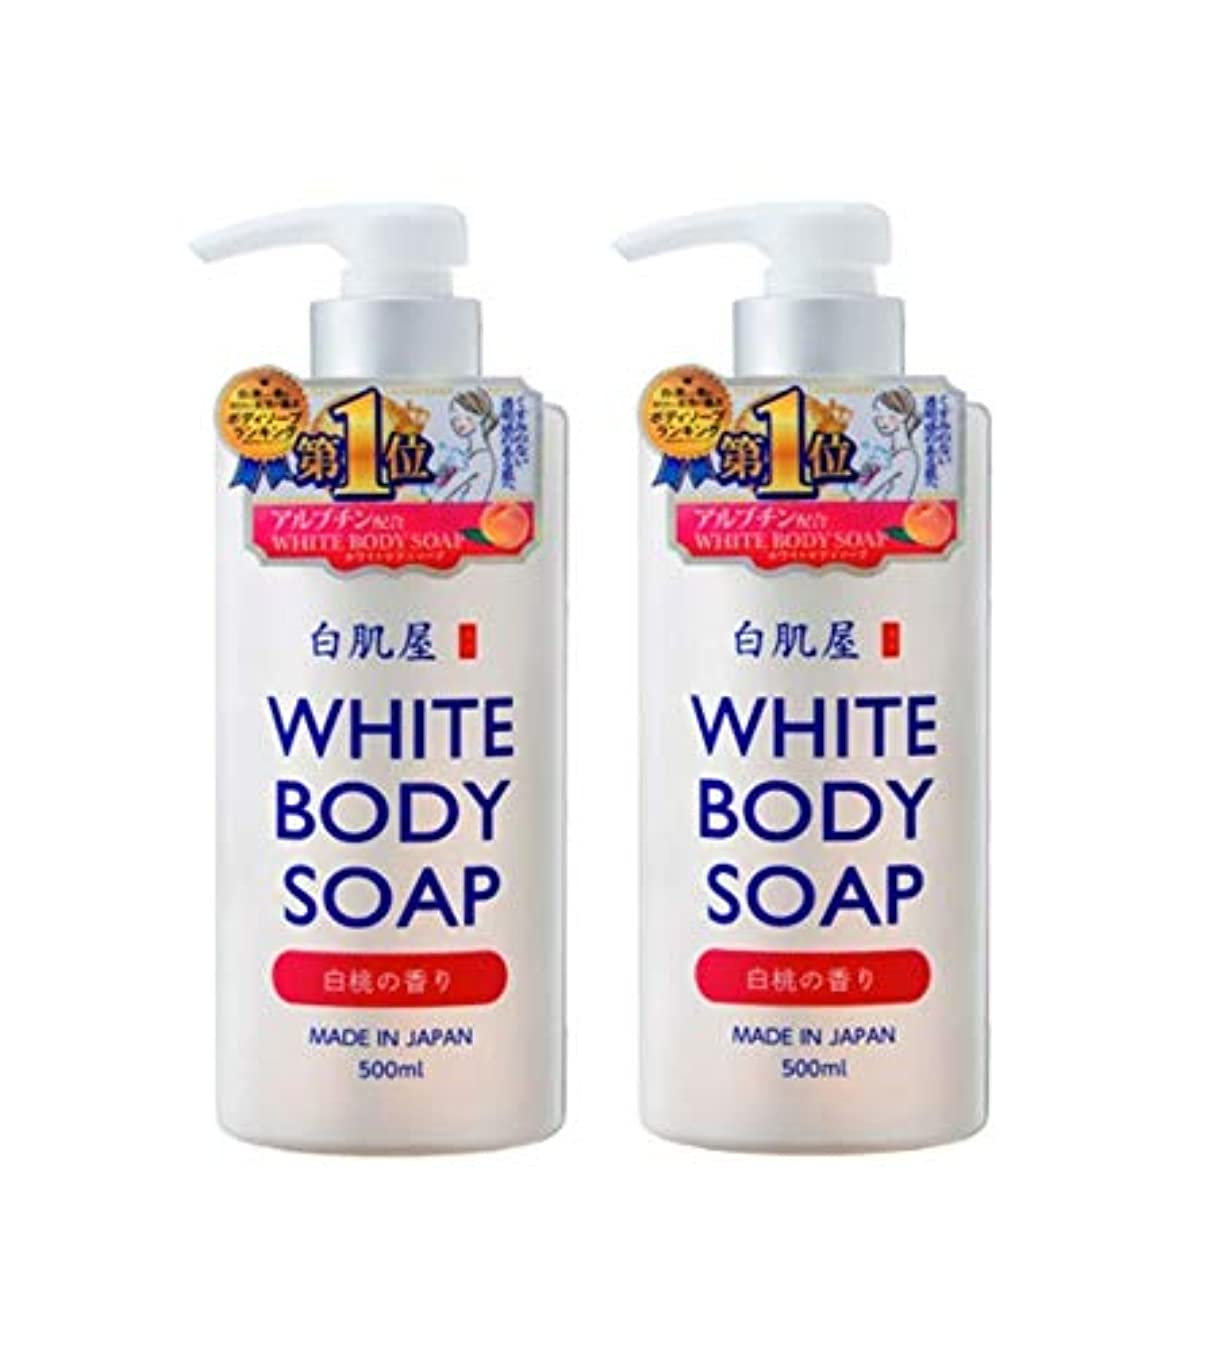 ファーザーファージュリル見通しアイスタイル リシャン 白肌屋 ホワイトボディソープ 白桃の香り 500ml×2本セット